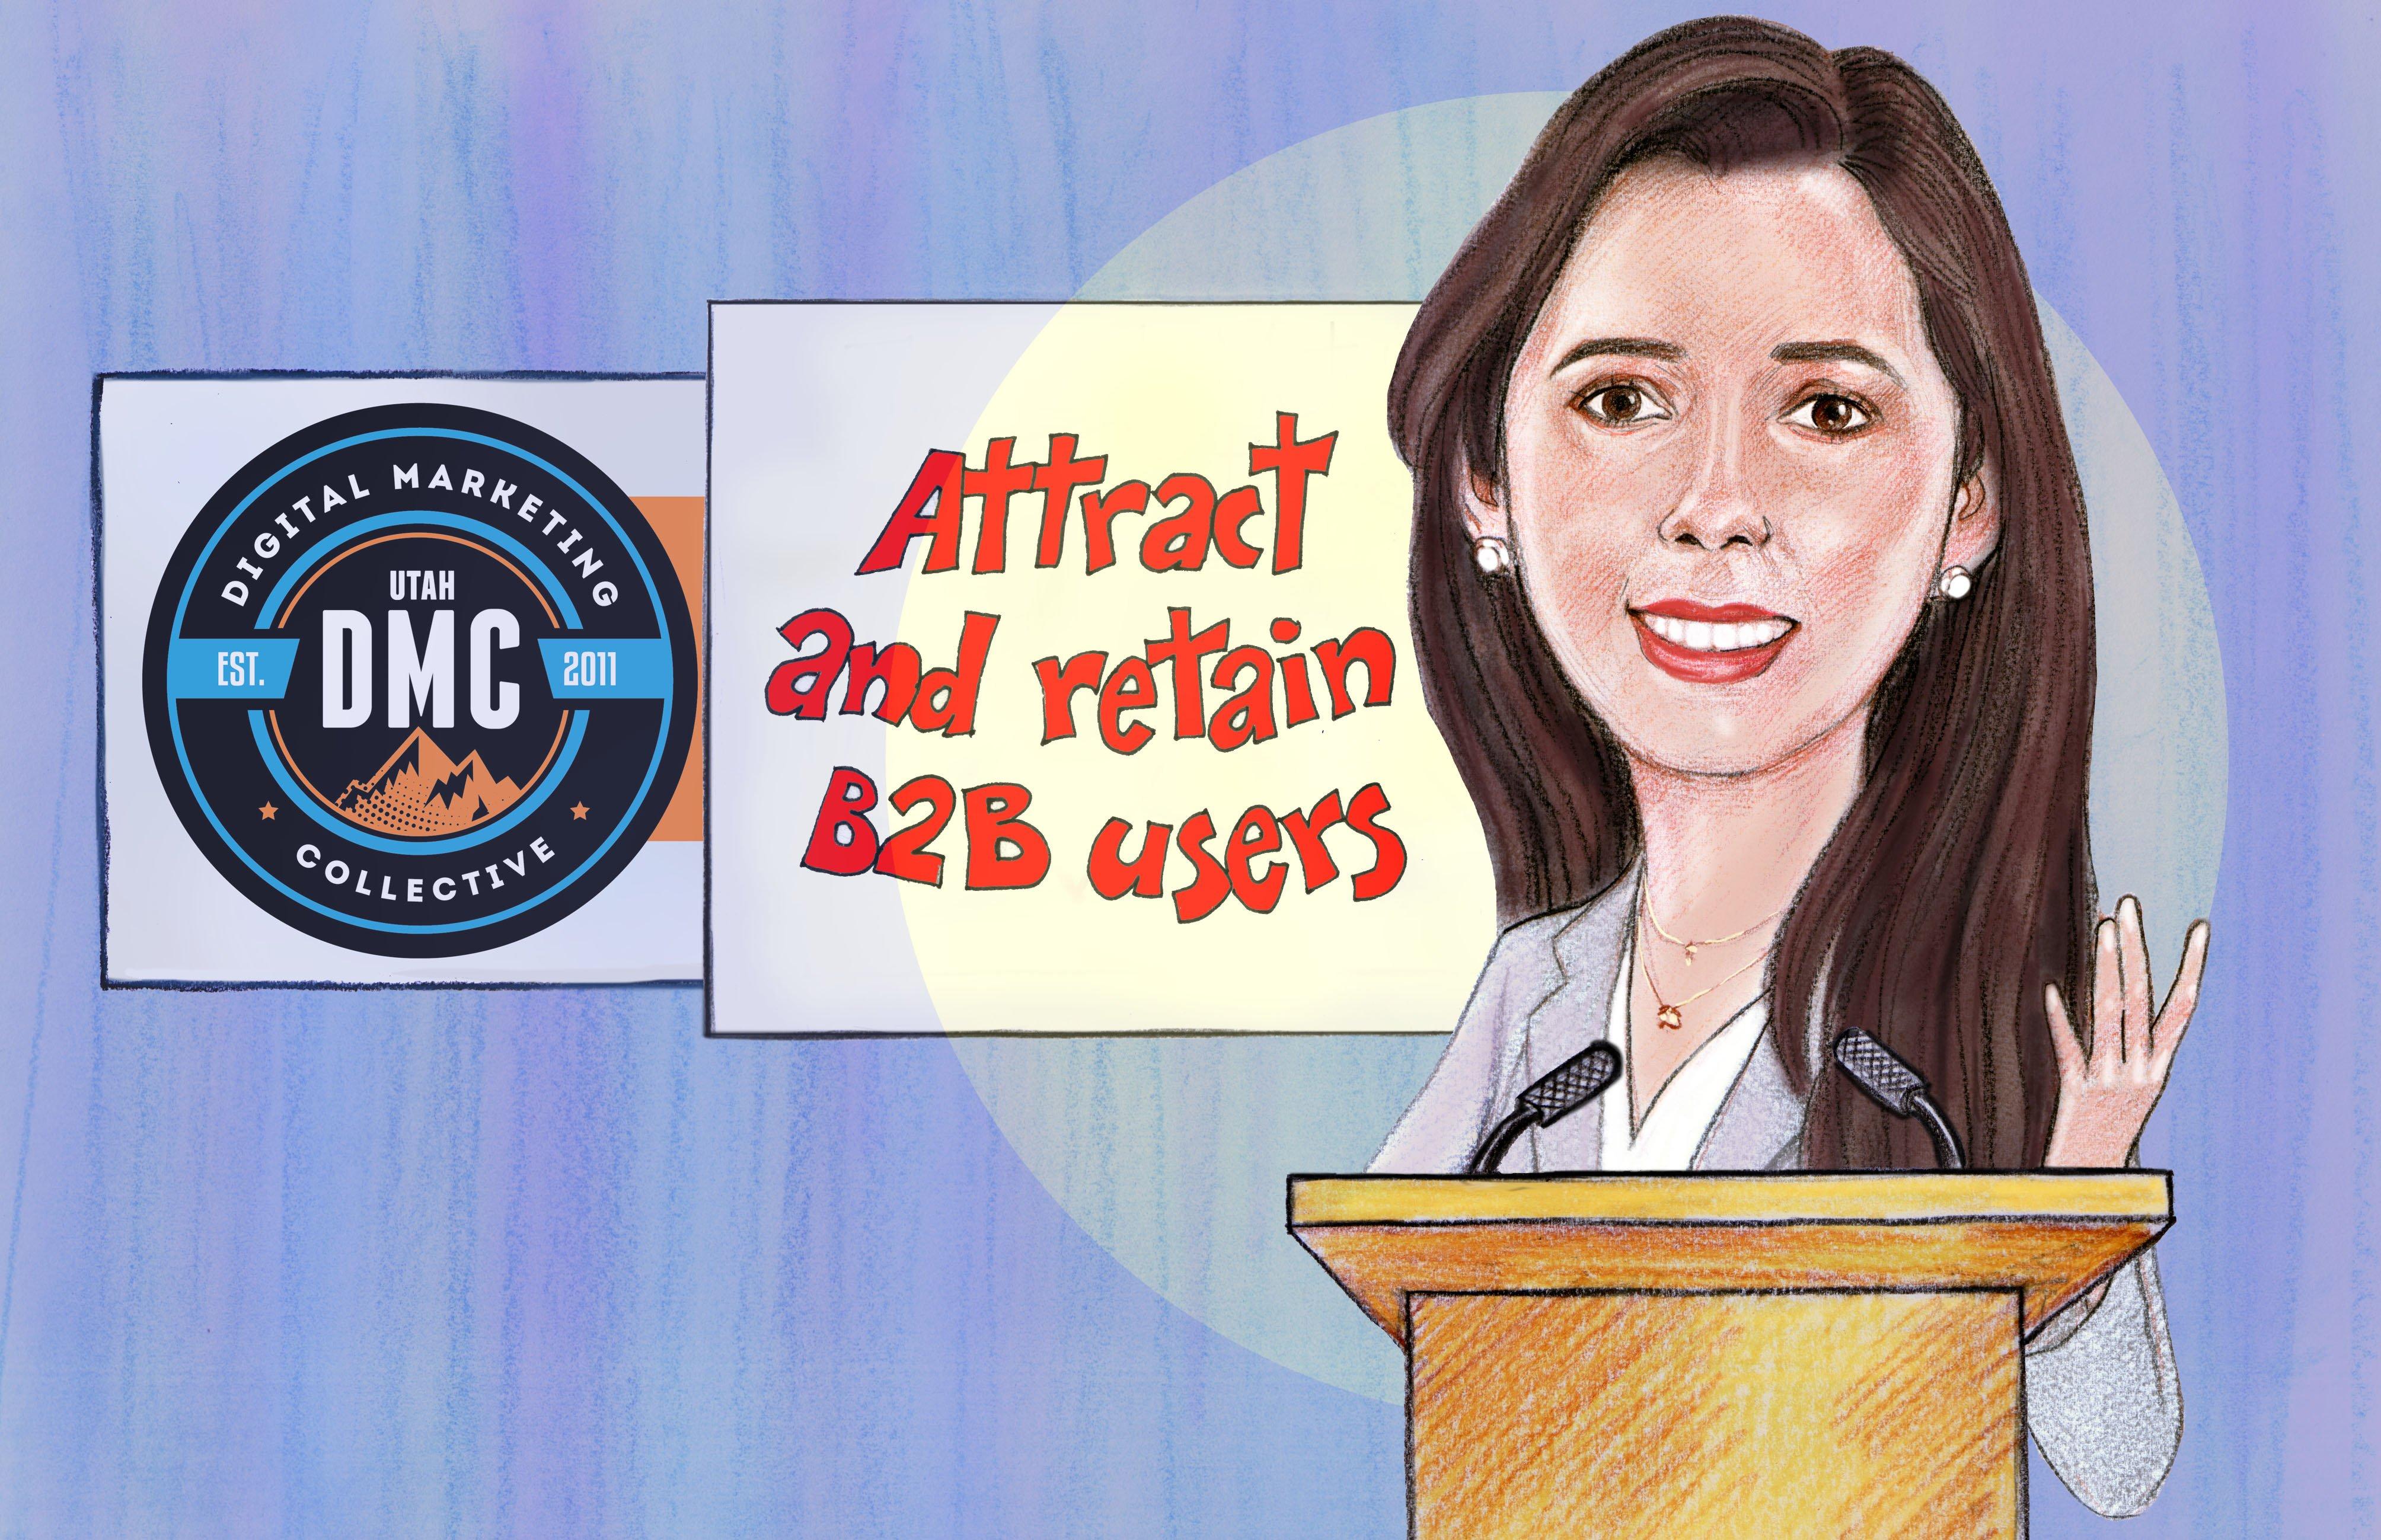 Andrea Cruz Utah DMC Cartoon